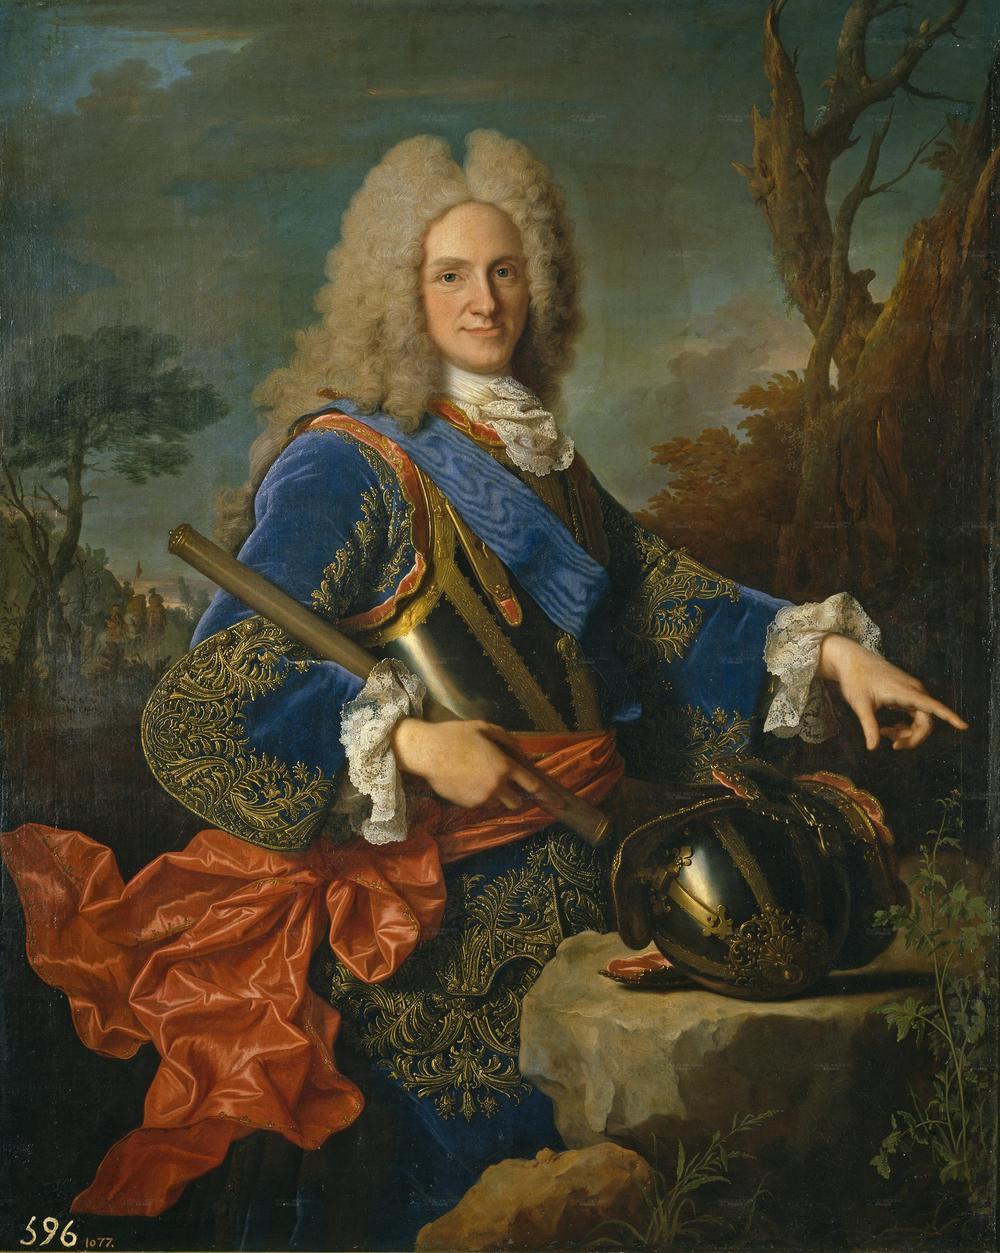 Portrait of Felipe V of Spain,1723 by Jean Ranc.